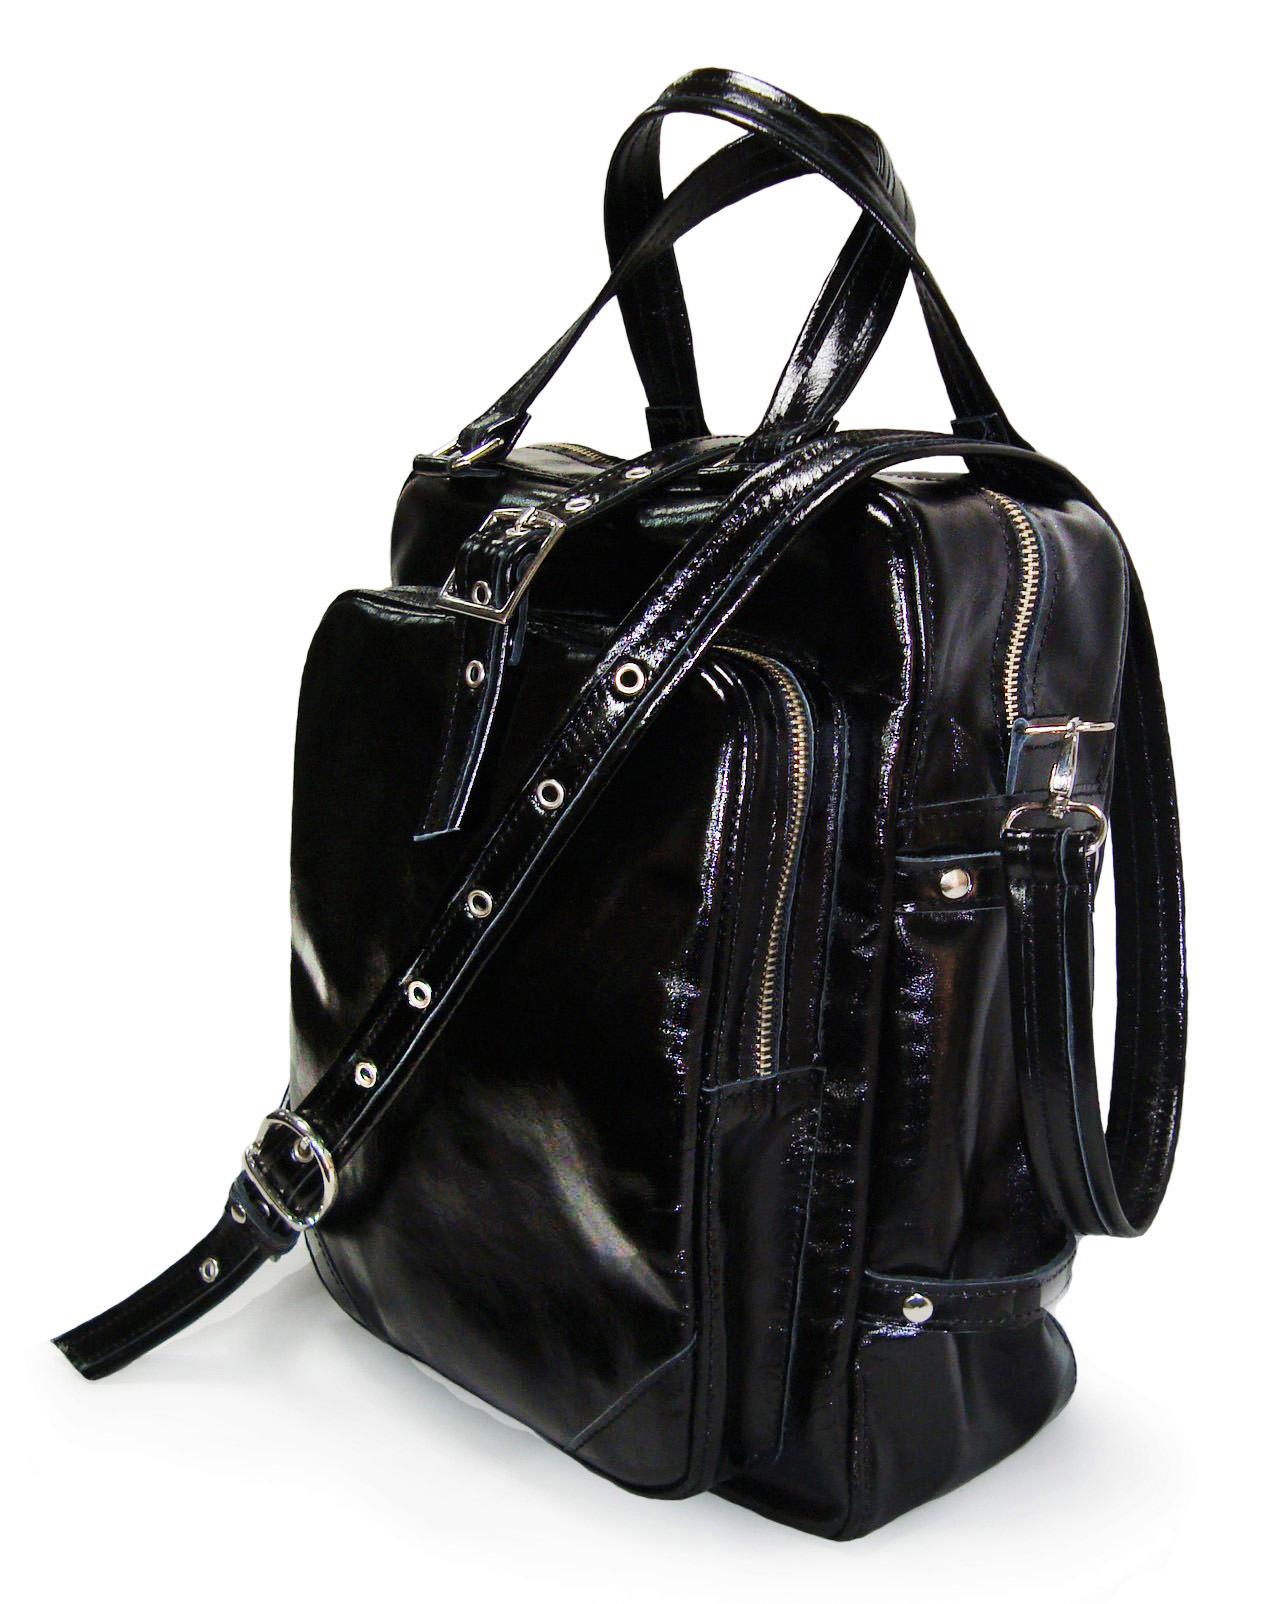 Муж. сумка Модель № 7-2Сумки и др. изделия из кожи<br>Высота сумки:33 см<br>Ширина сумки:25 см<br>Ширина верх:9,5 см<br>Ширина бок:12-9,5 см<br>Длинна ручек:40см<br>Длинна ремня:120 см<br><br>Тип: Муж. сумка<br>Размер: -<br>Материал: Натуральная кожа